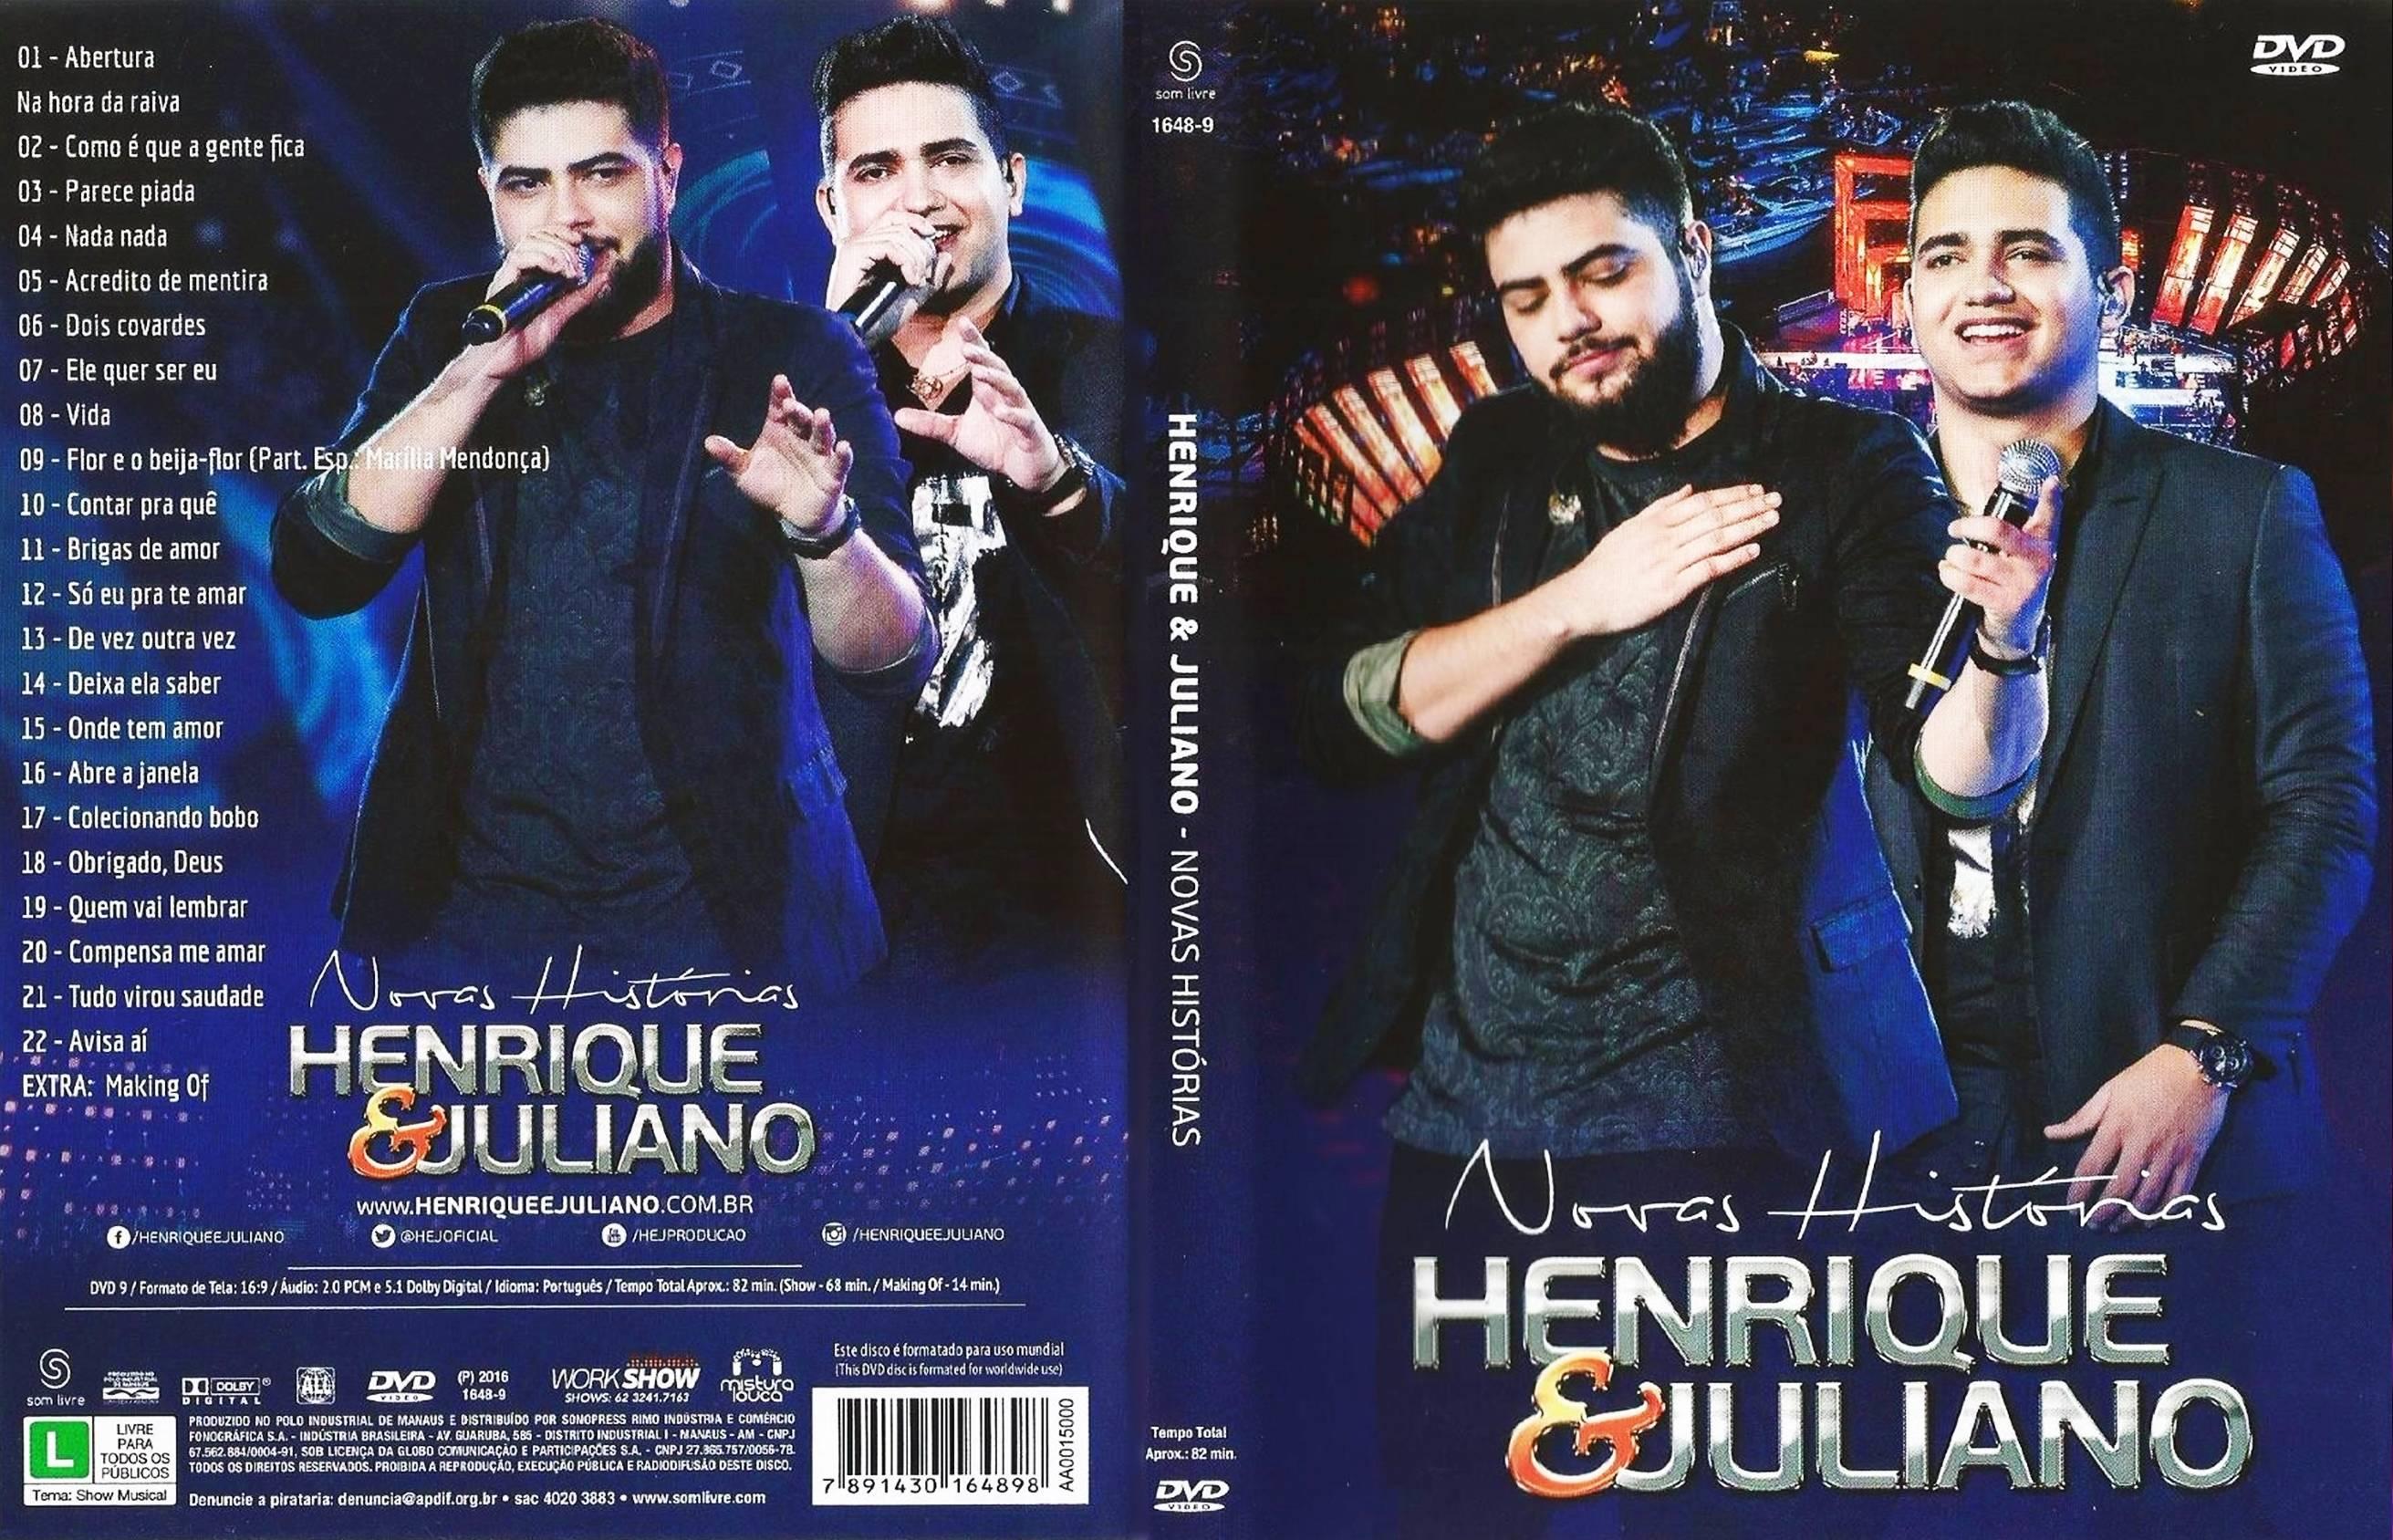 HenriqueJulianoNovasHistorias